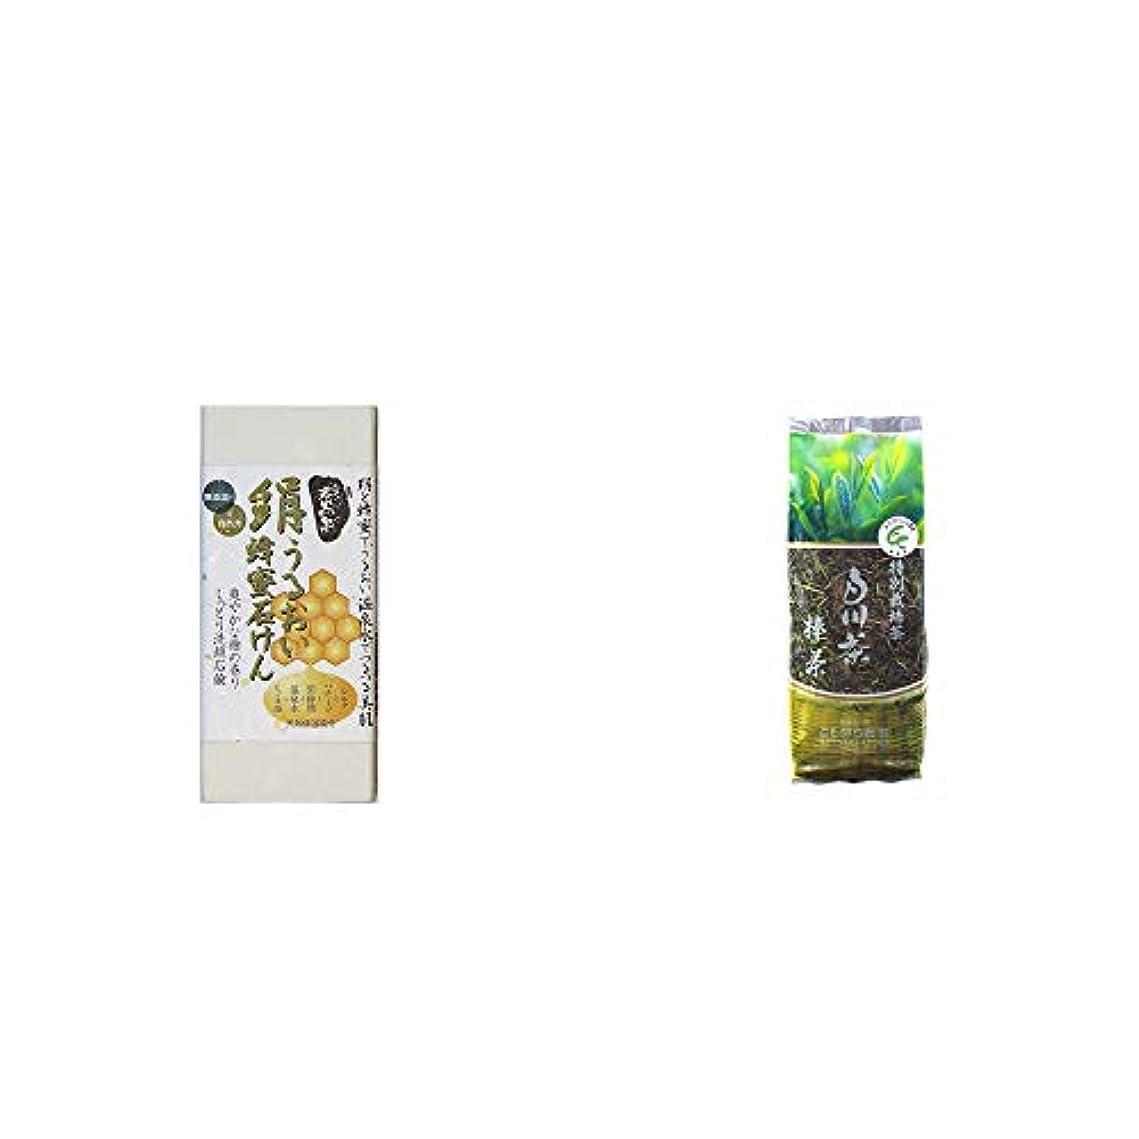 ドア赤字過度に[2点セット] ひのき炭黒泉 絹うるおい蜂蜜石けん(75g×2)?白川茶 特別栽培茶【棒茶】(150g)